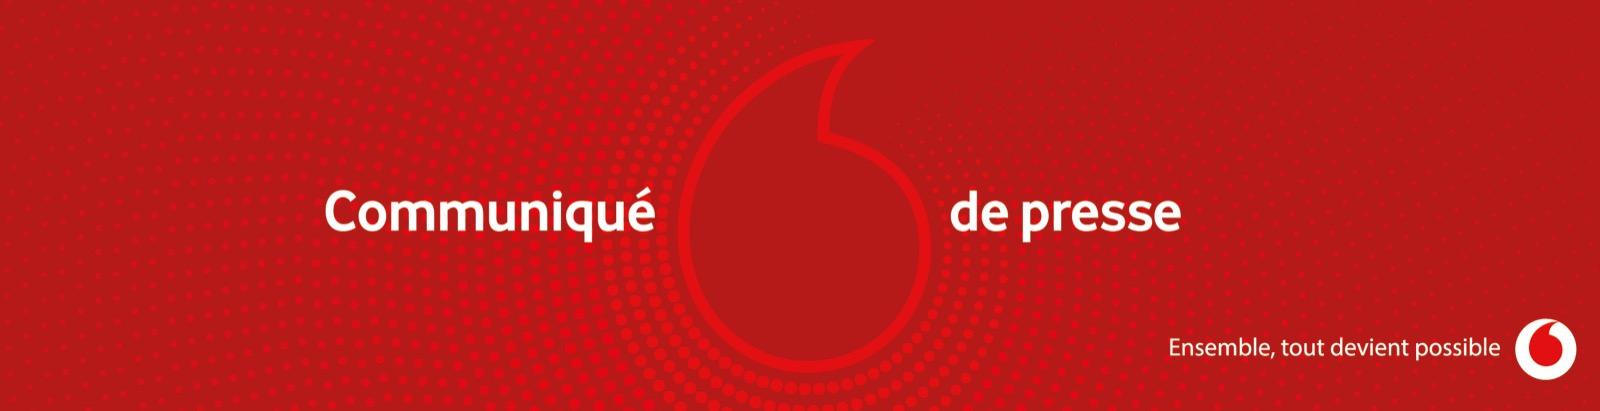 DENONCIATION D'ARRESTATION ET DE DETENTION ARBITRAIRE D'UN HAUT CADRE DE VODACOM CONGO DANS LE DOSSIER RAM.